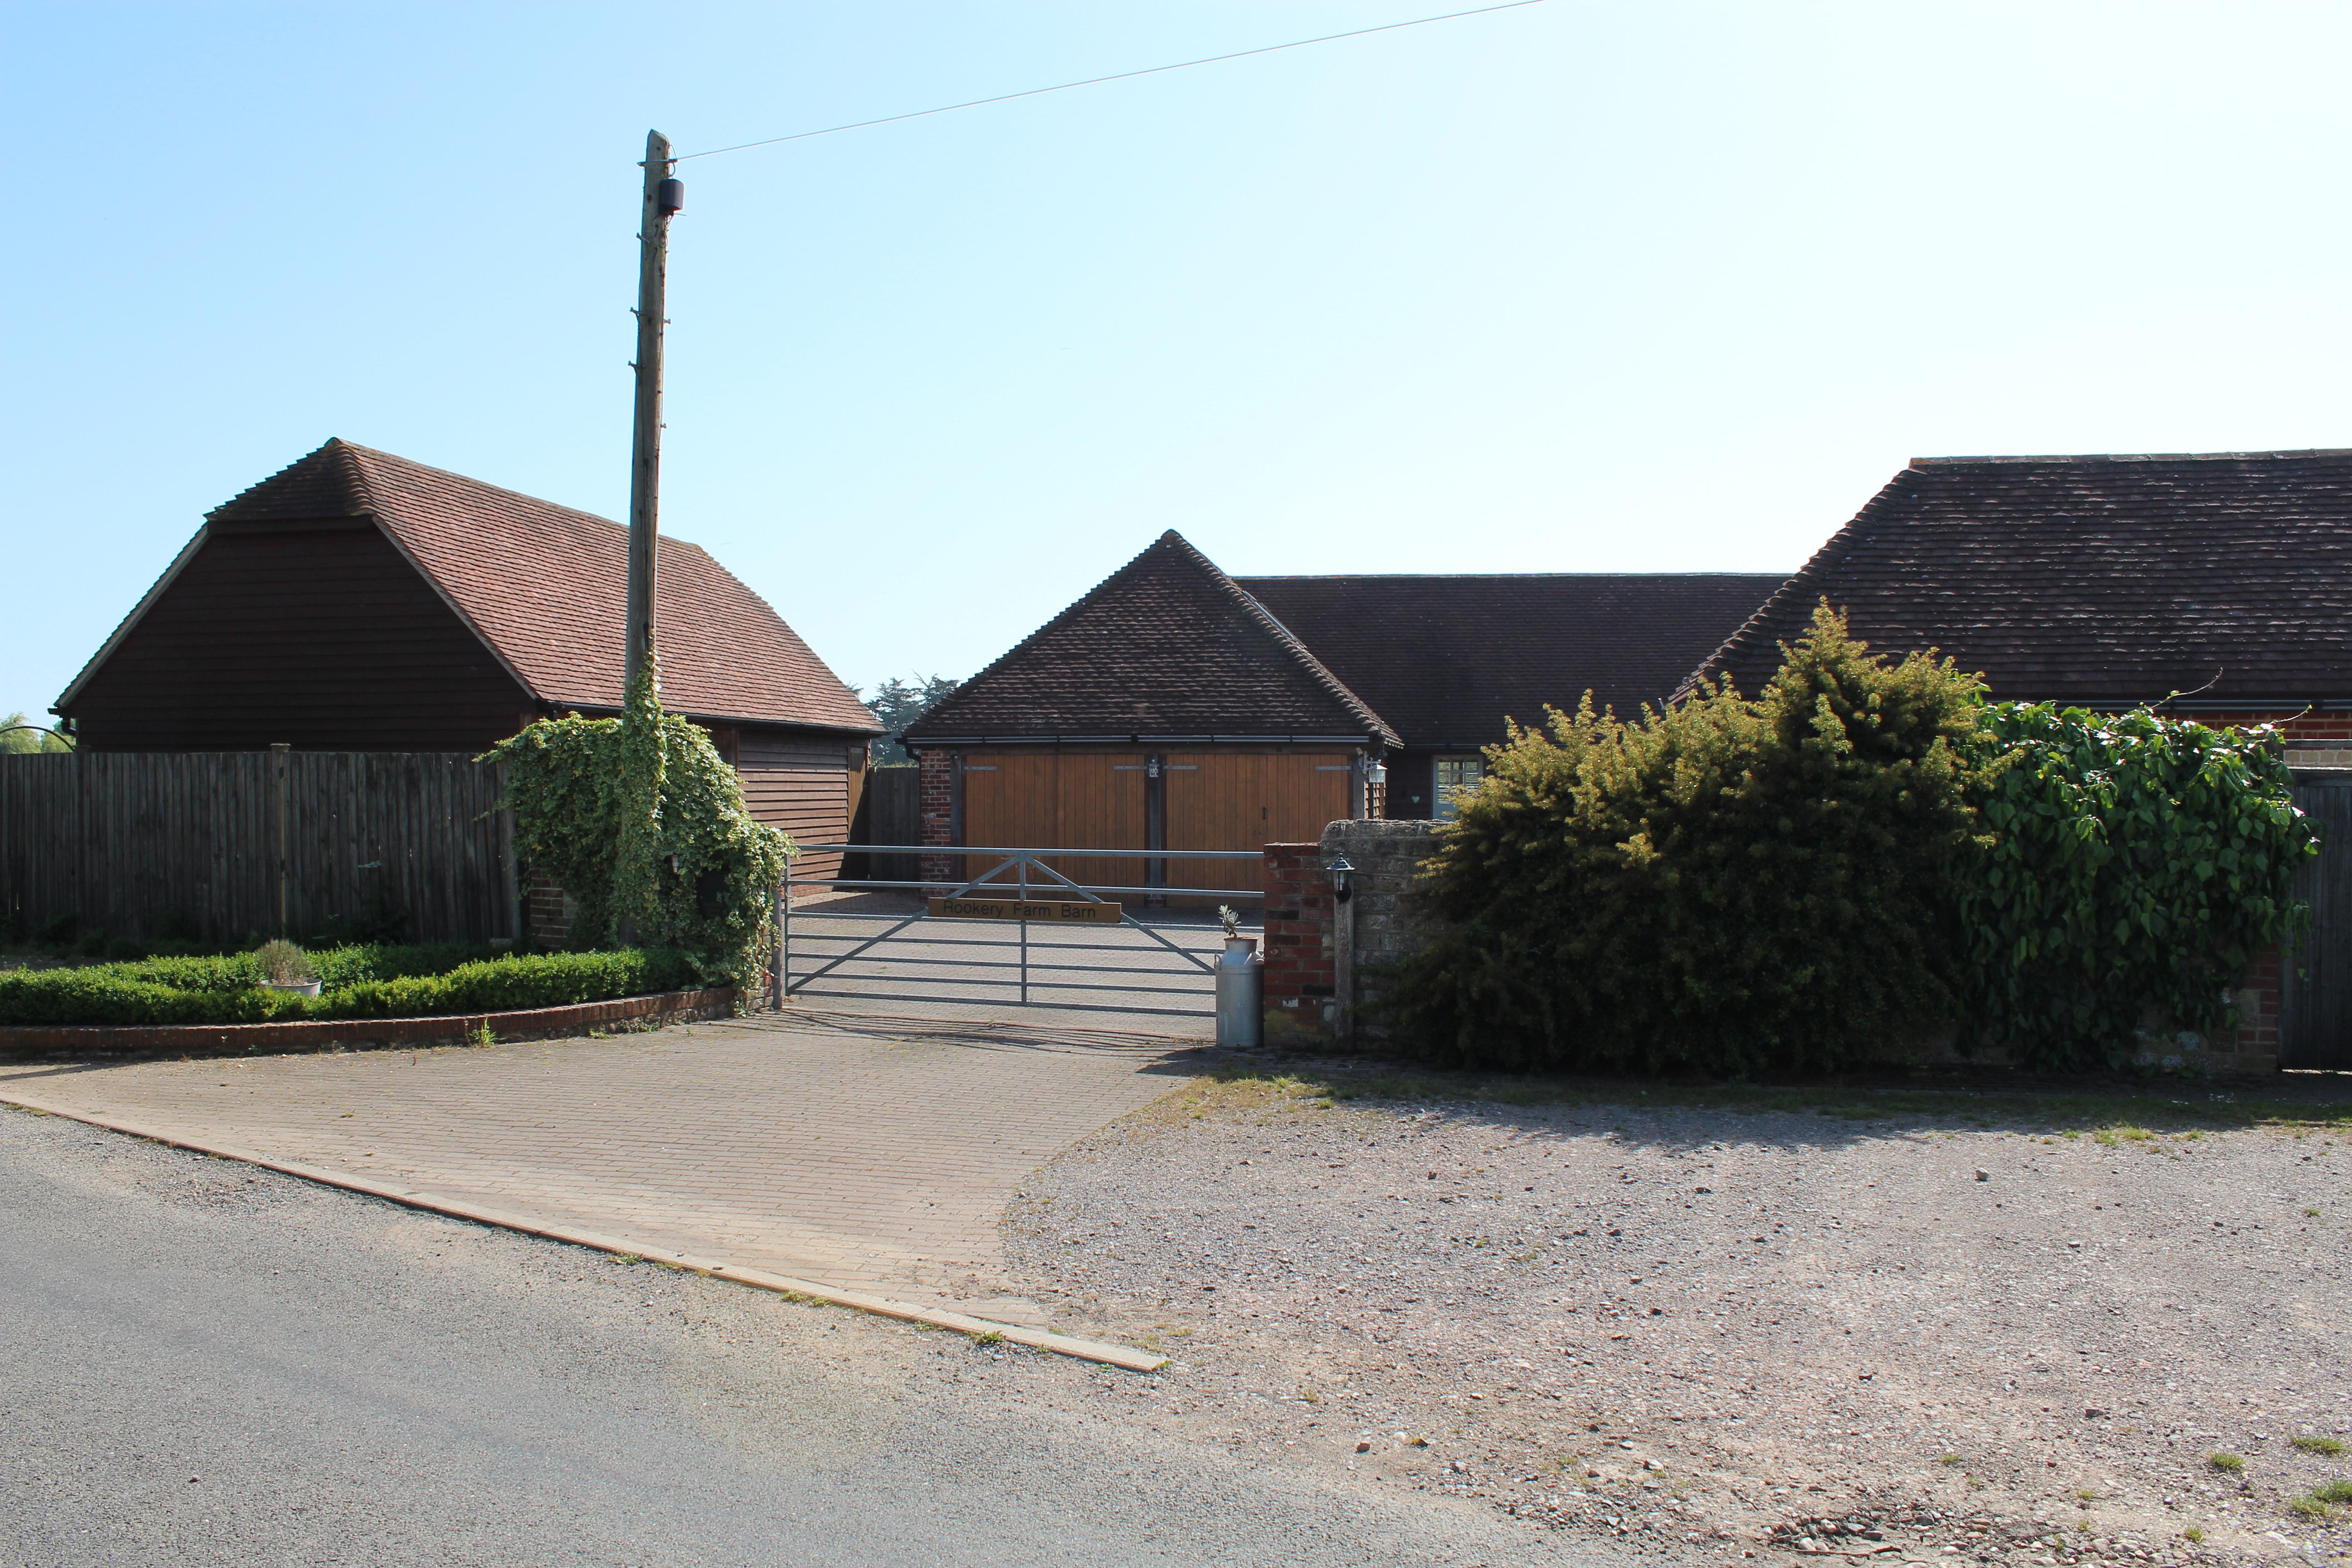 Rookery Farm Barn